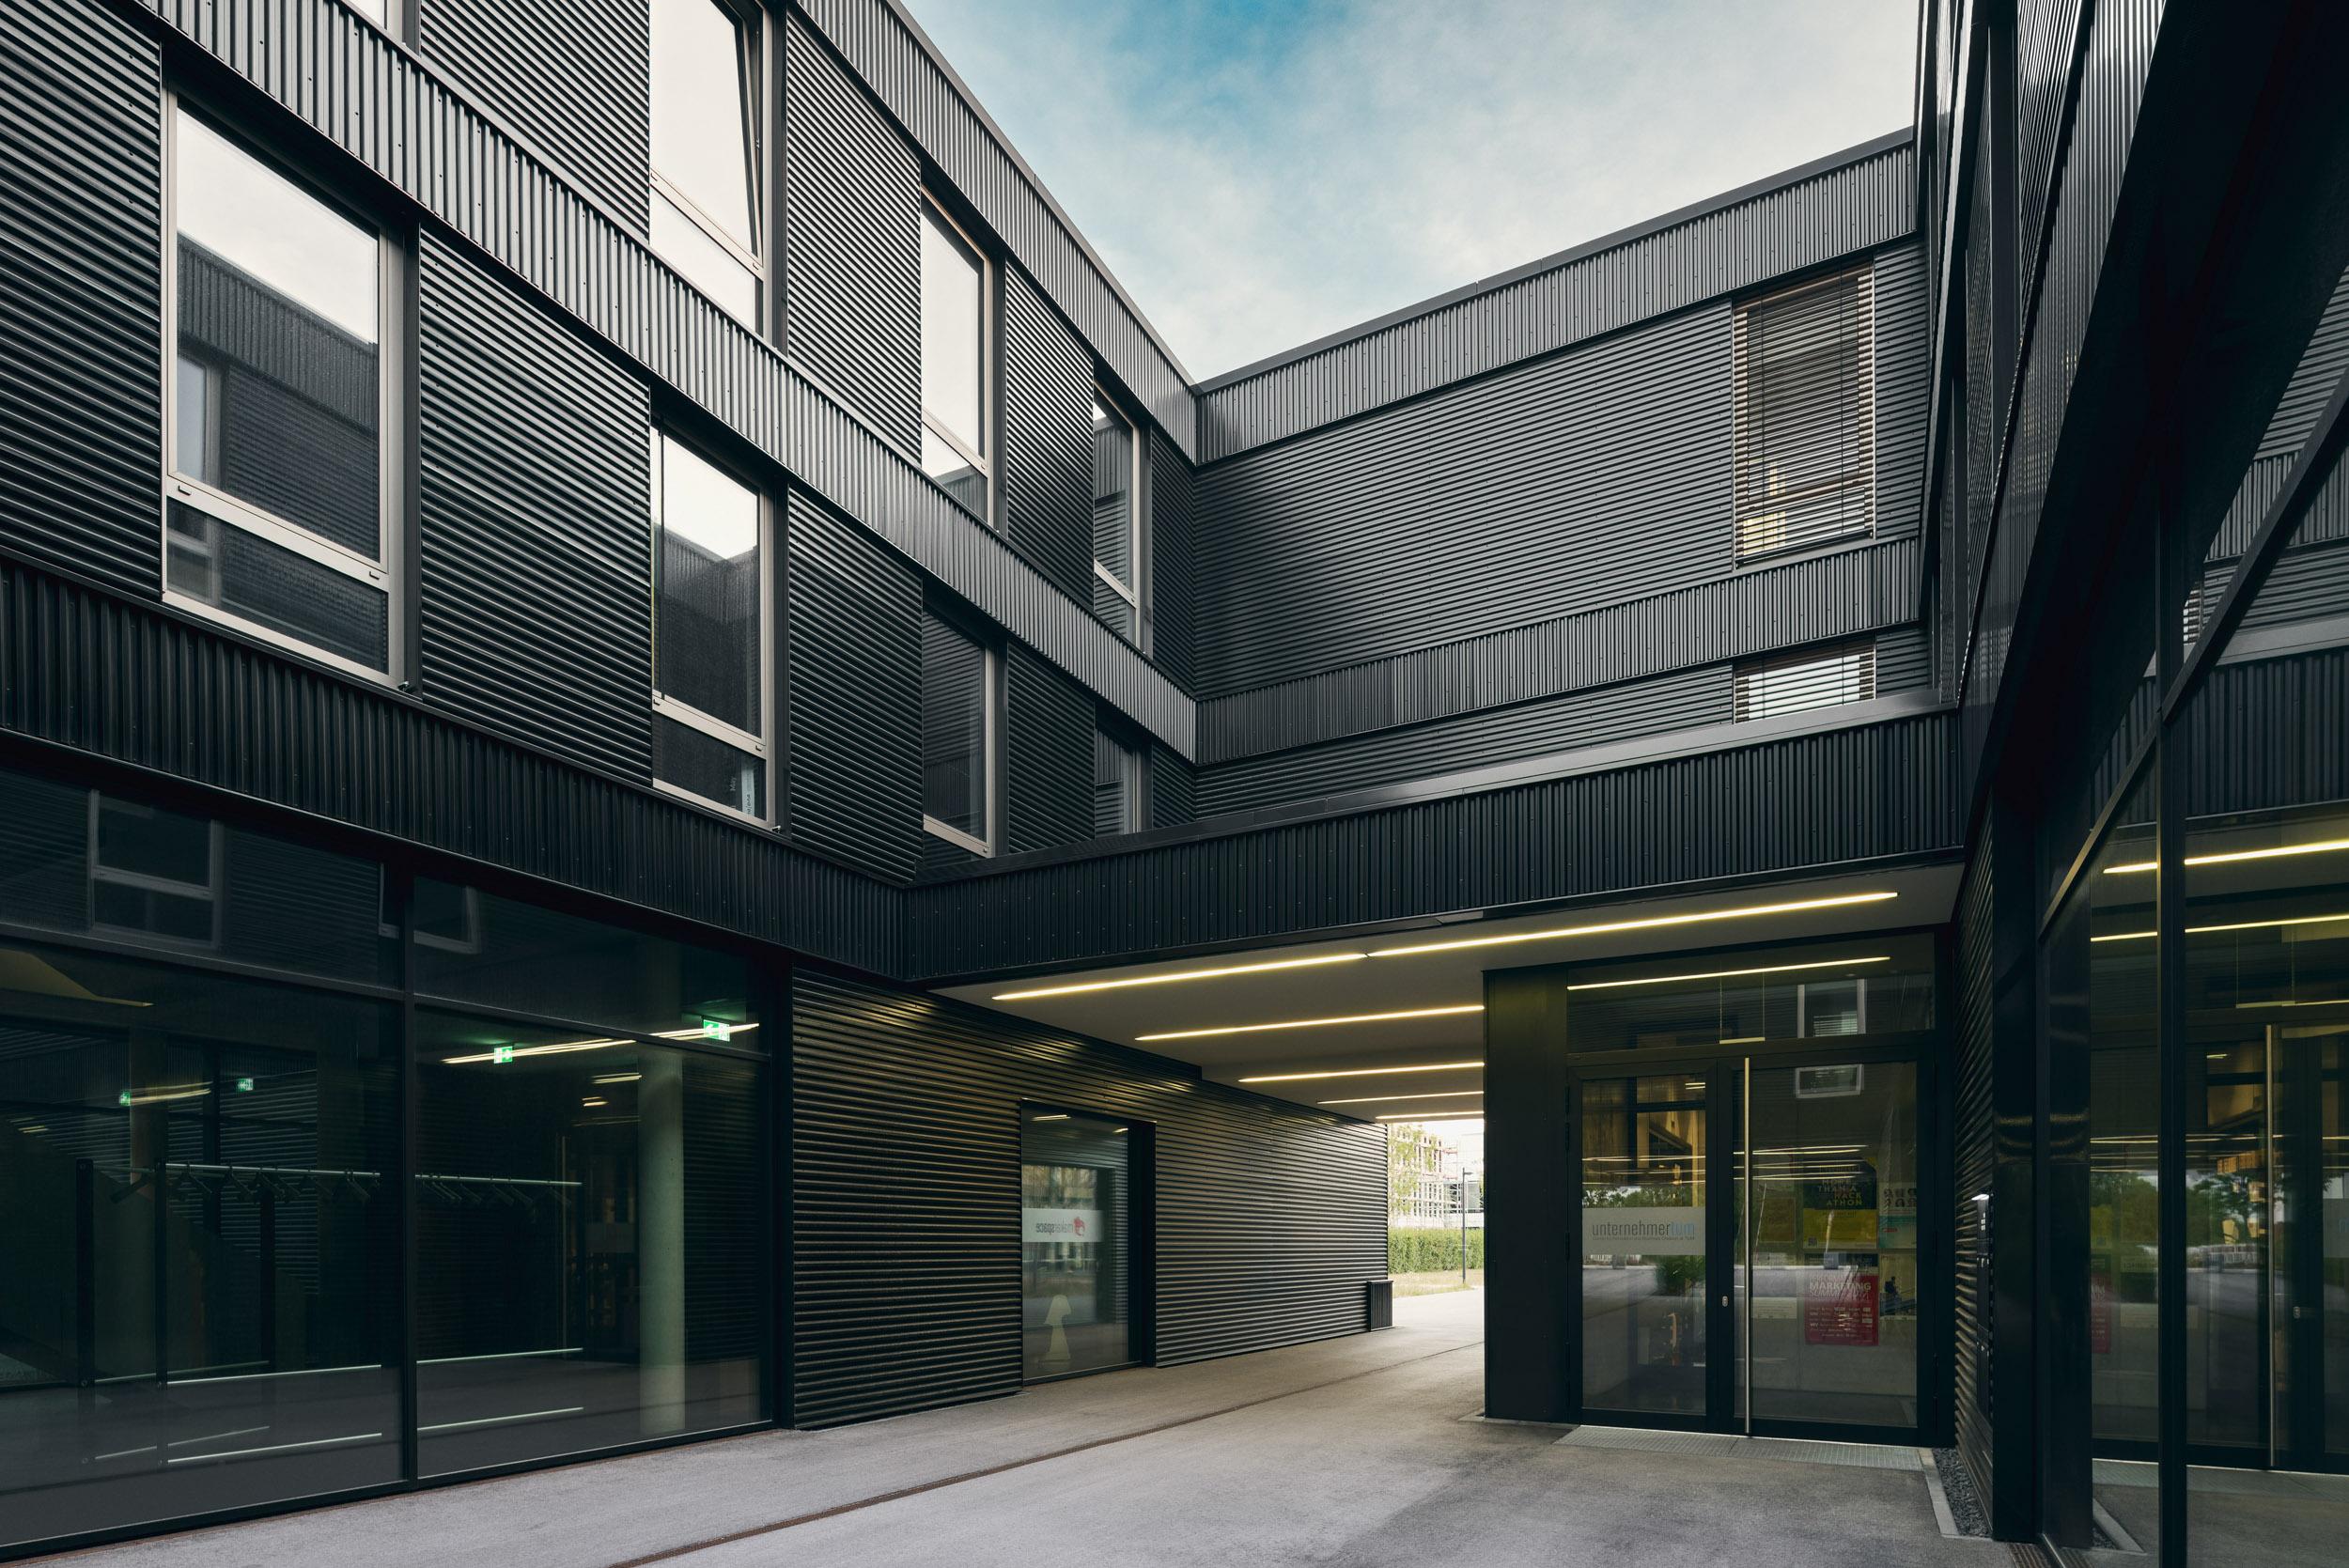 Gustav-Epple-Bauunternehmung-TUM-Campus-München_MLX4402